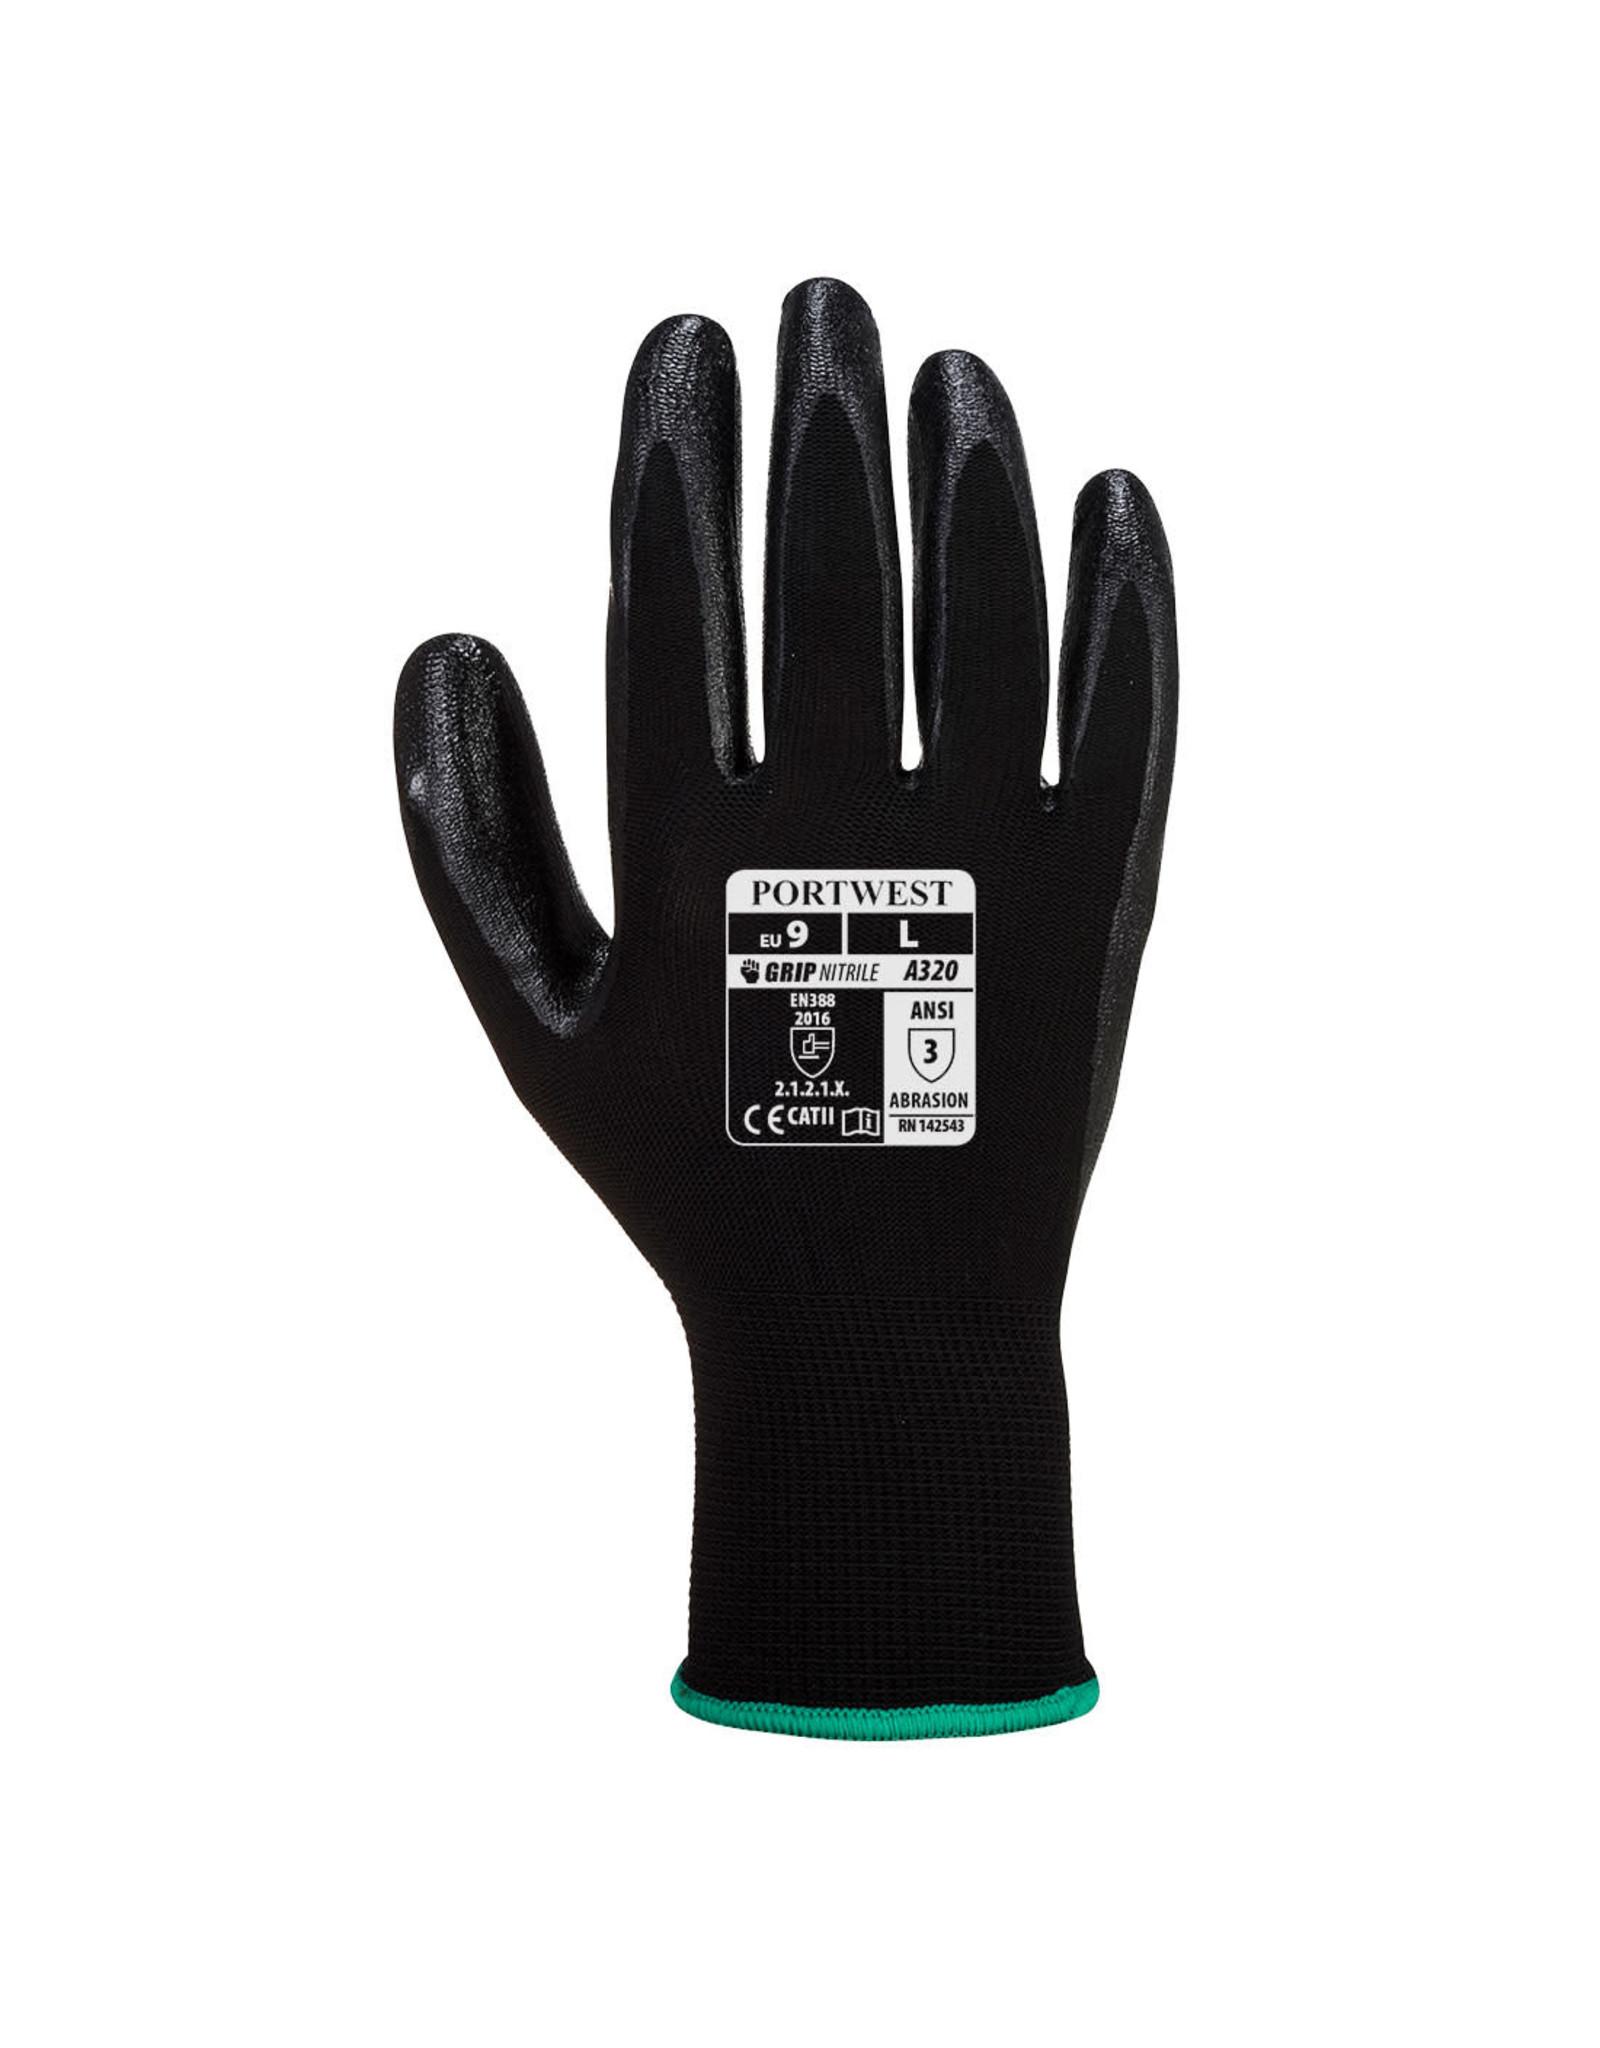 Portwest Dexti-Grip Glove - Nitrile Foam